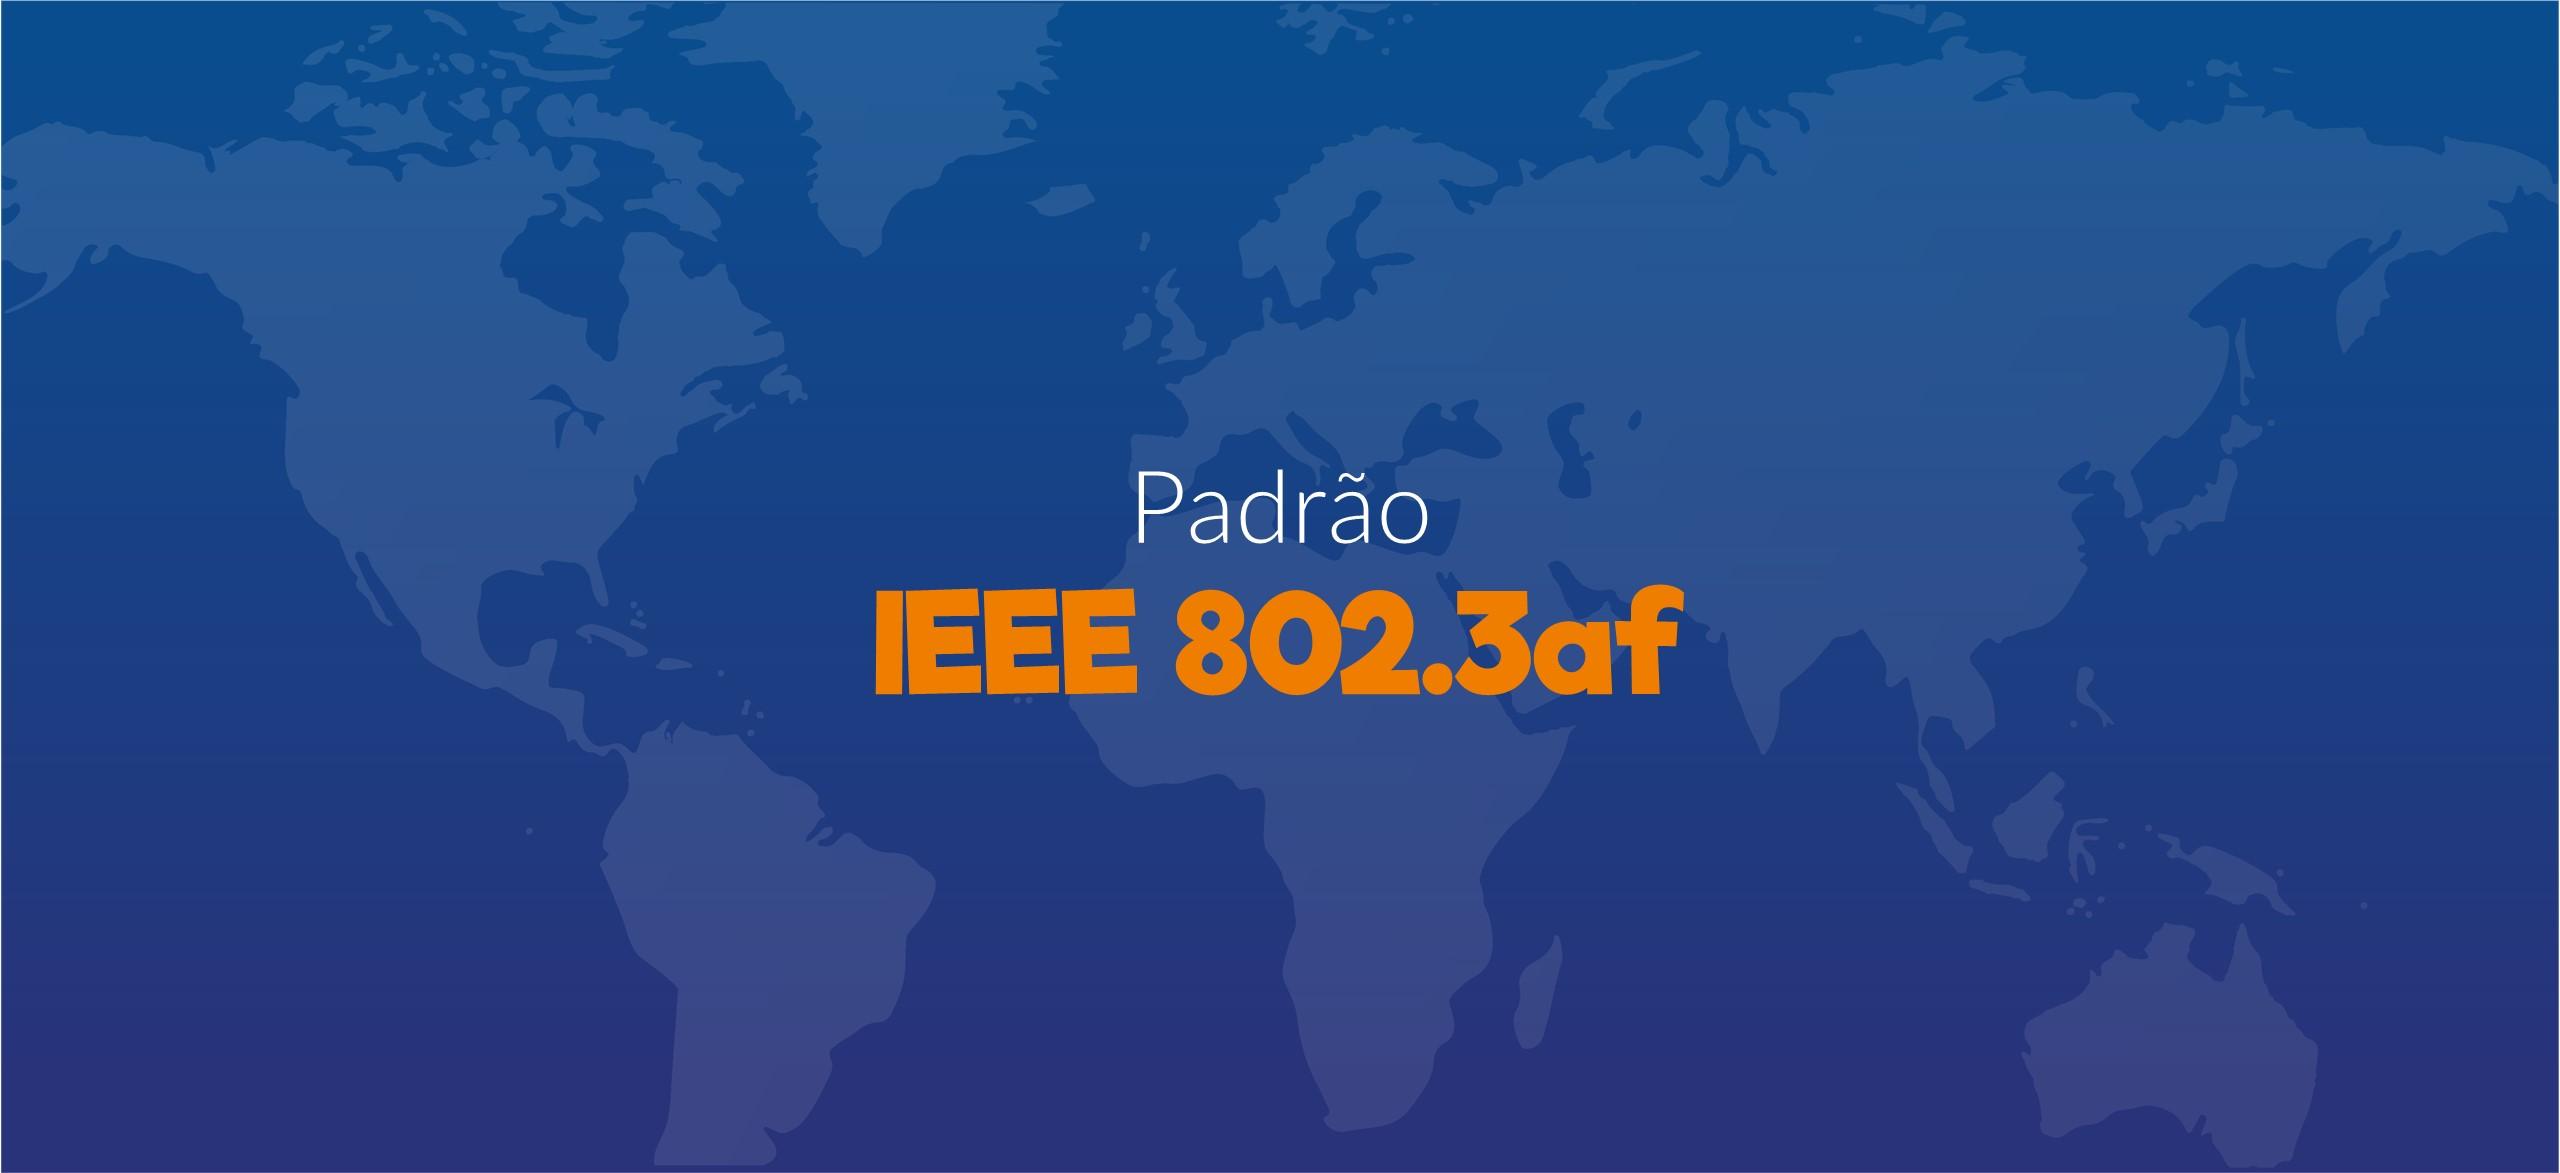 Padrão IEEE 802.3af